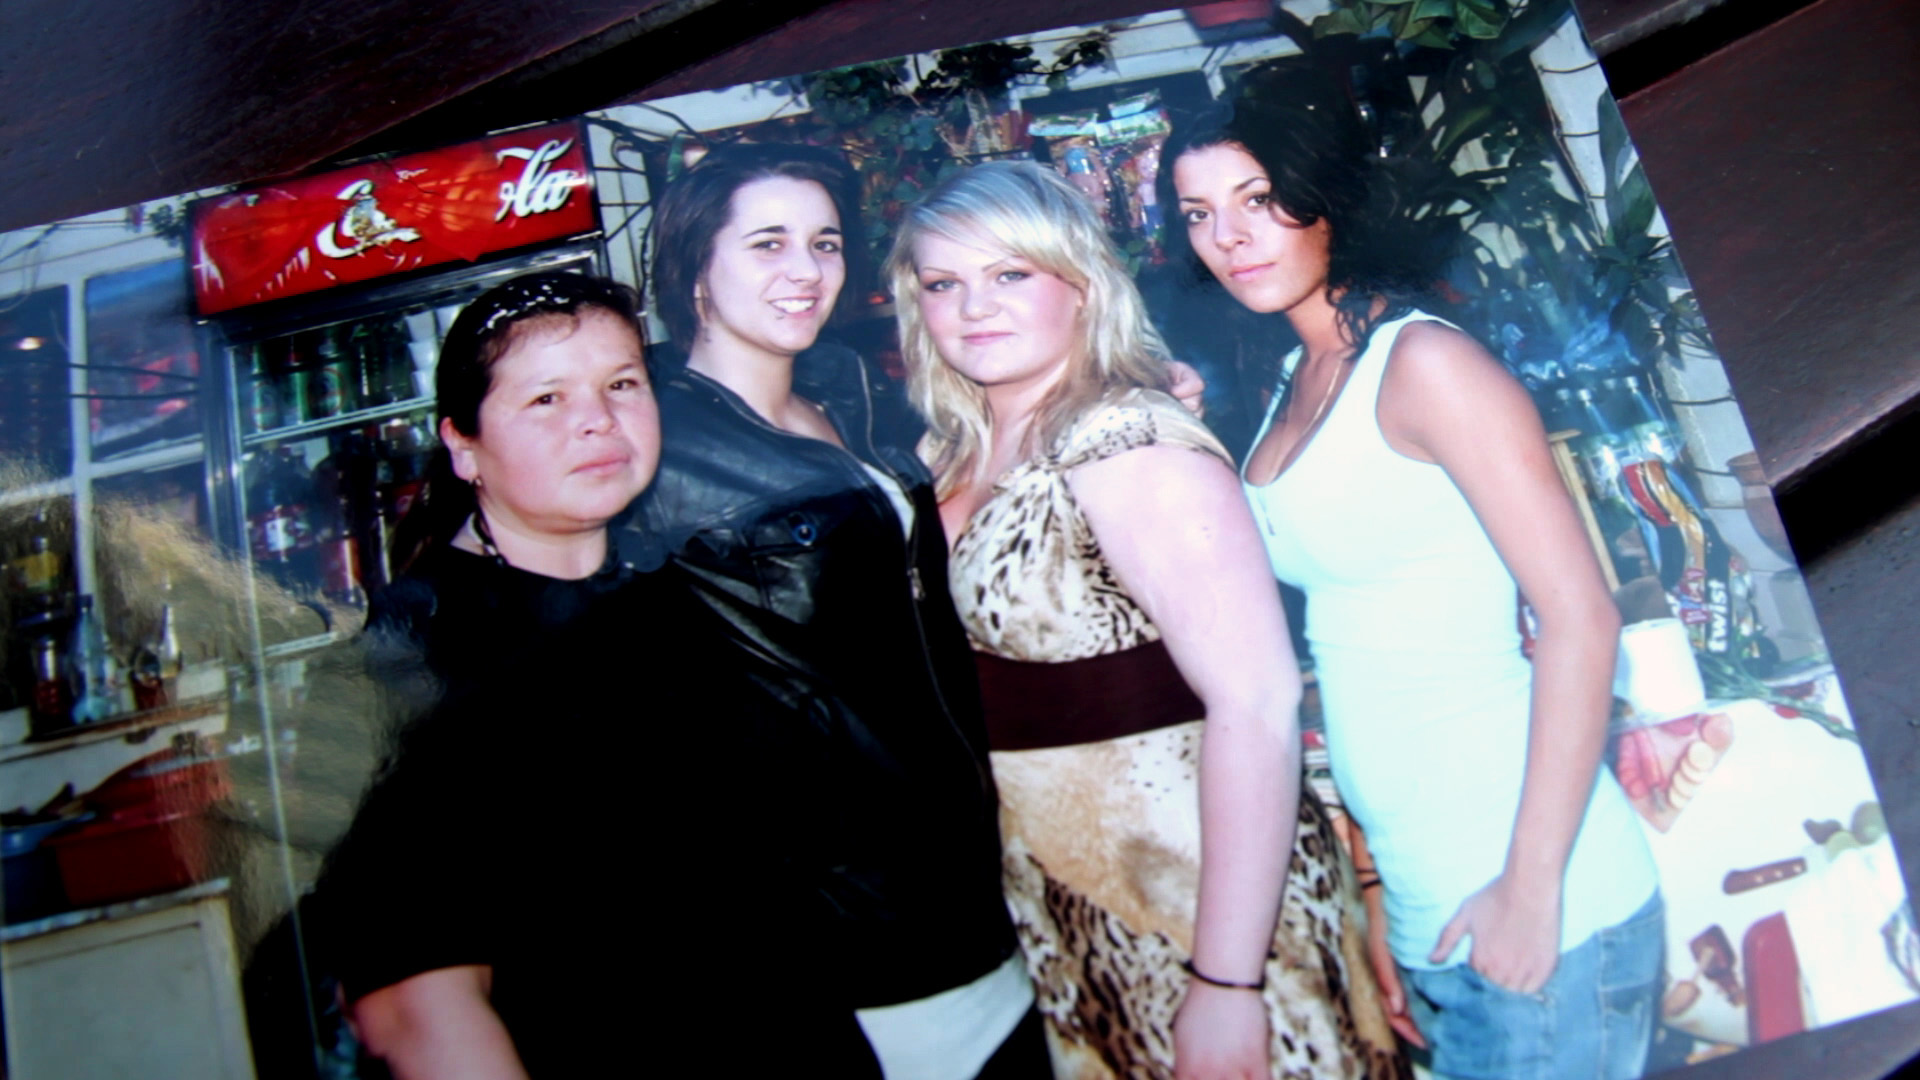 Madelaine, Stina, and Christina